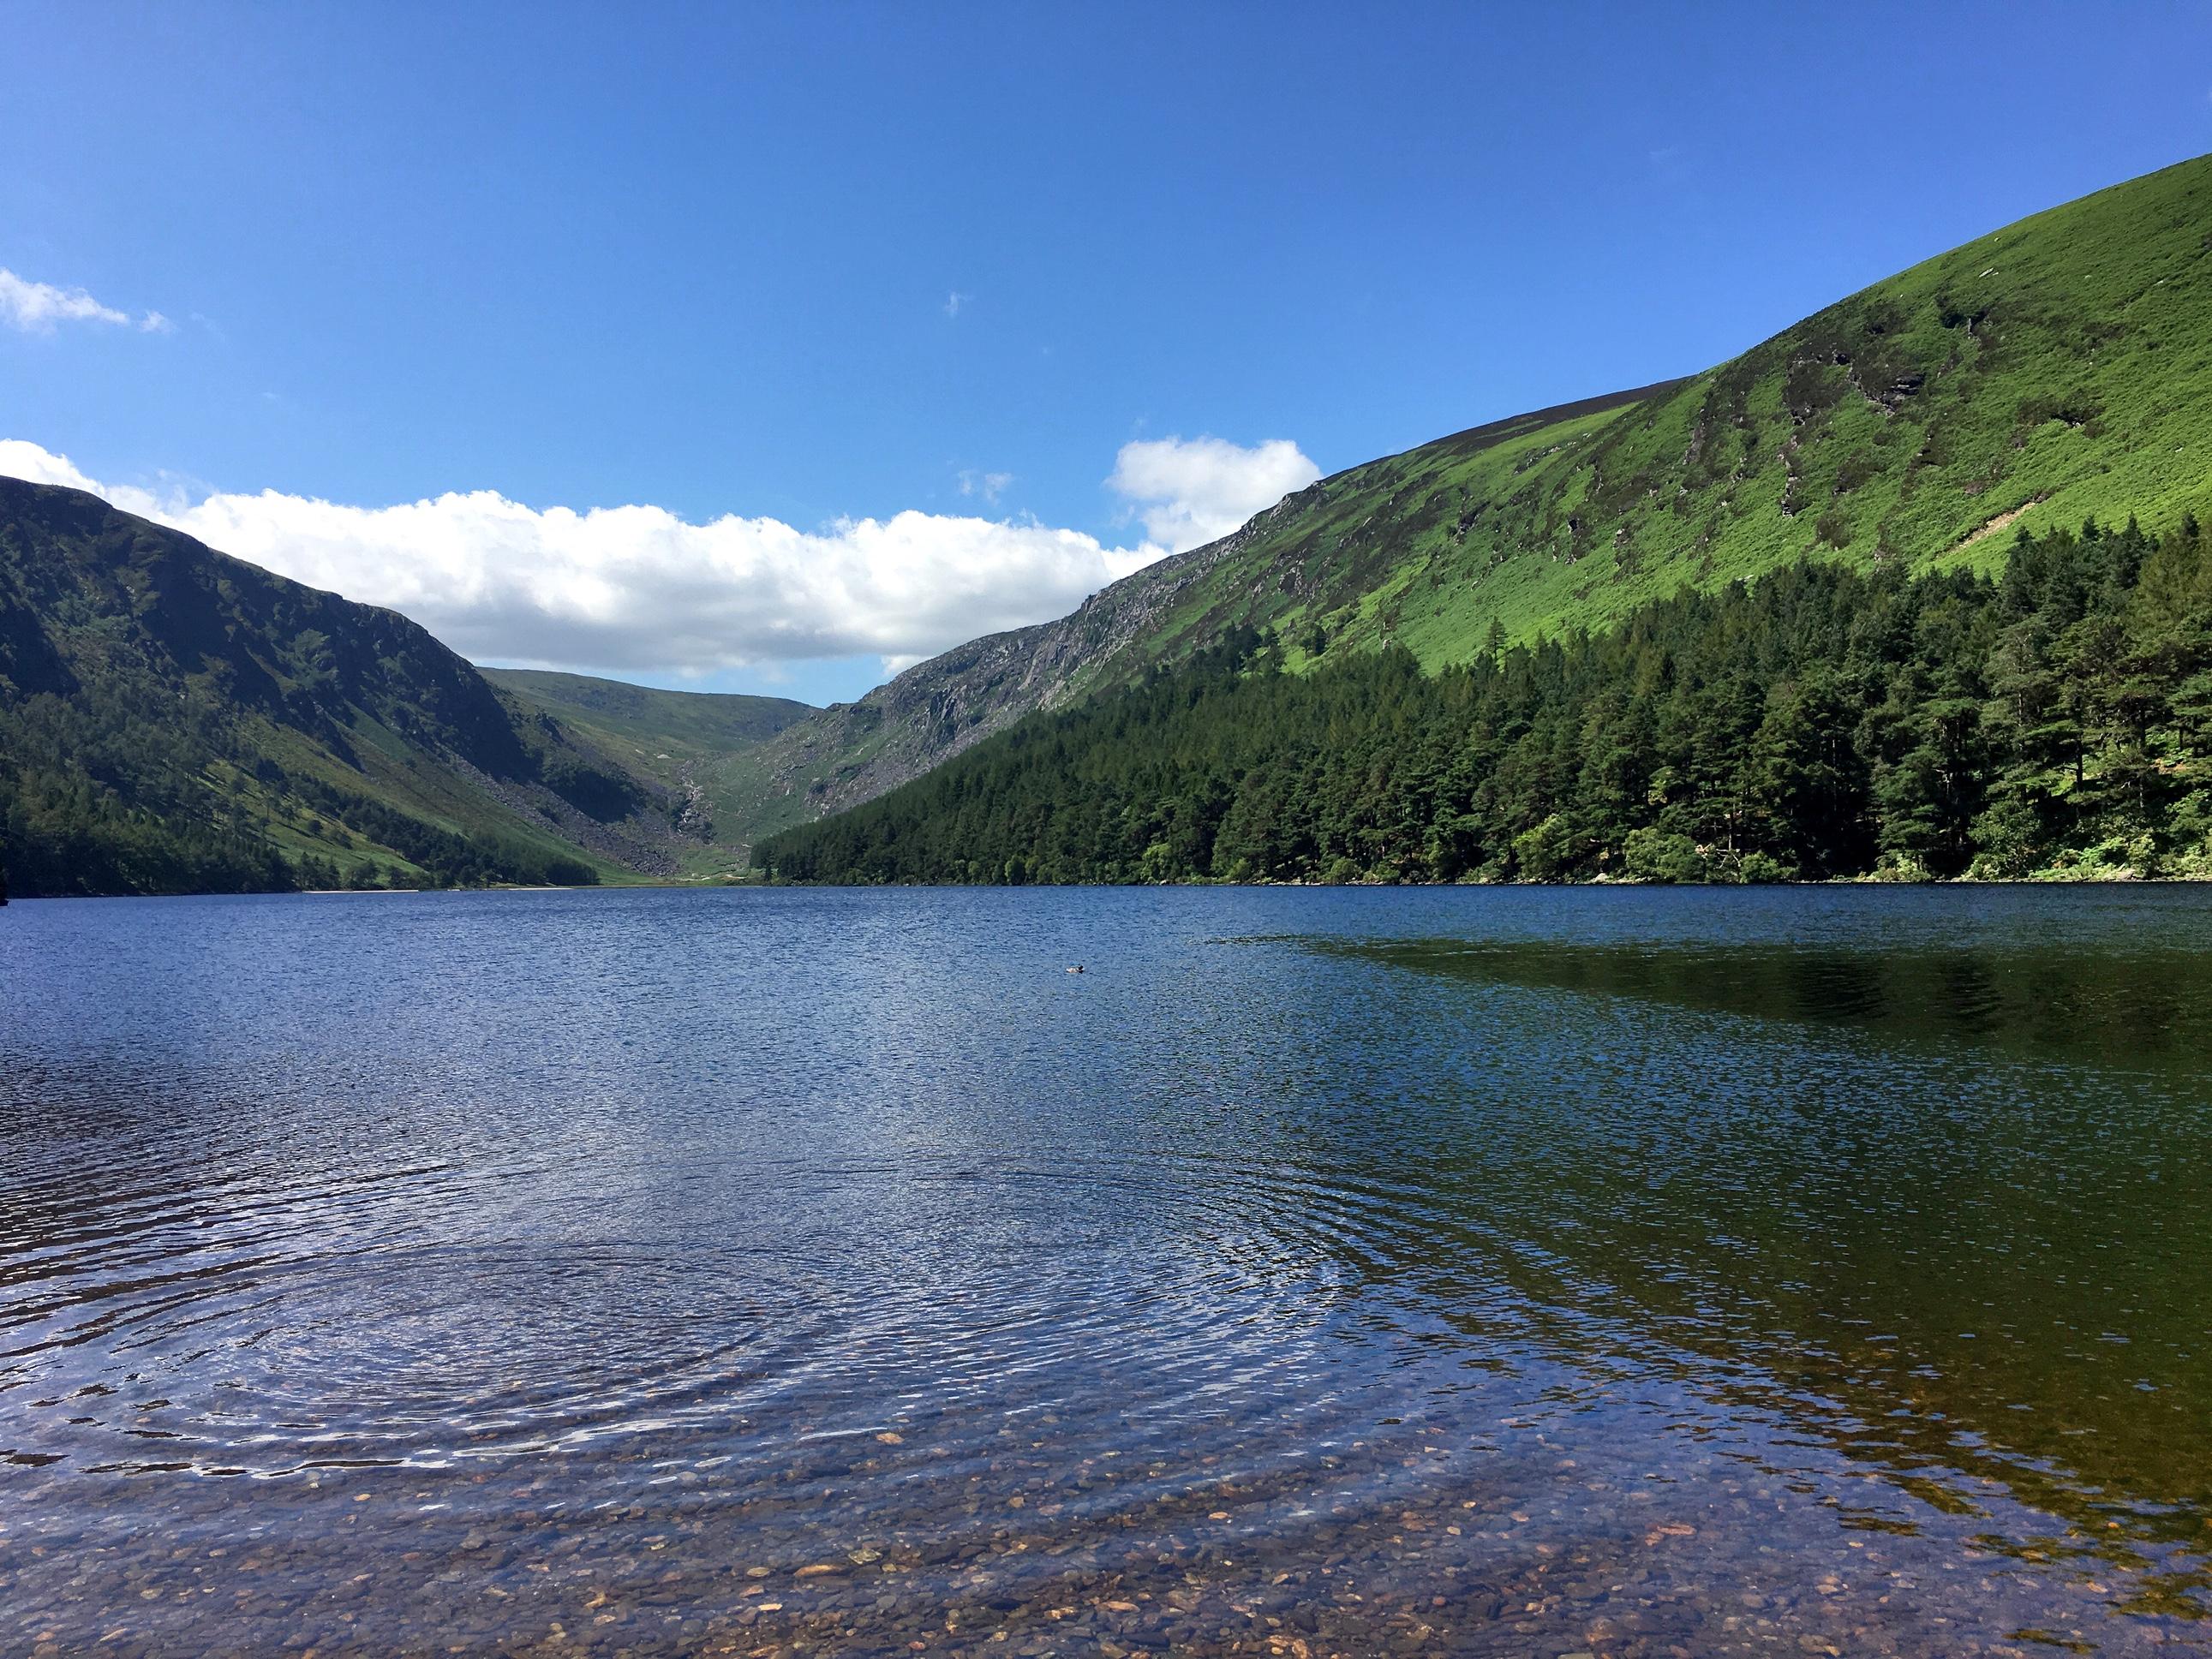 Dublino e dintorni: luoghi da non perdere intorno a Dublino - Glendalough Lake